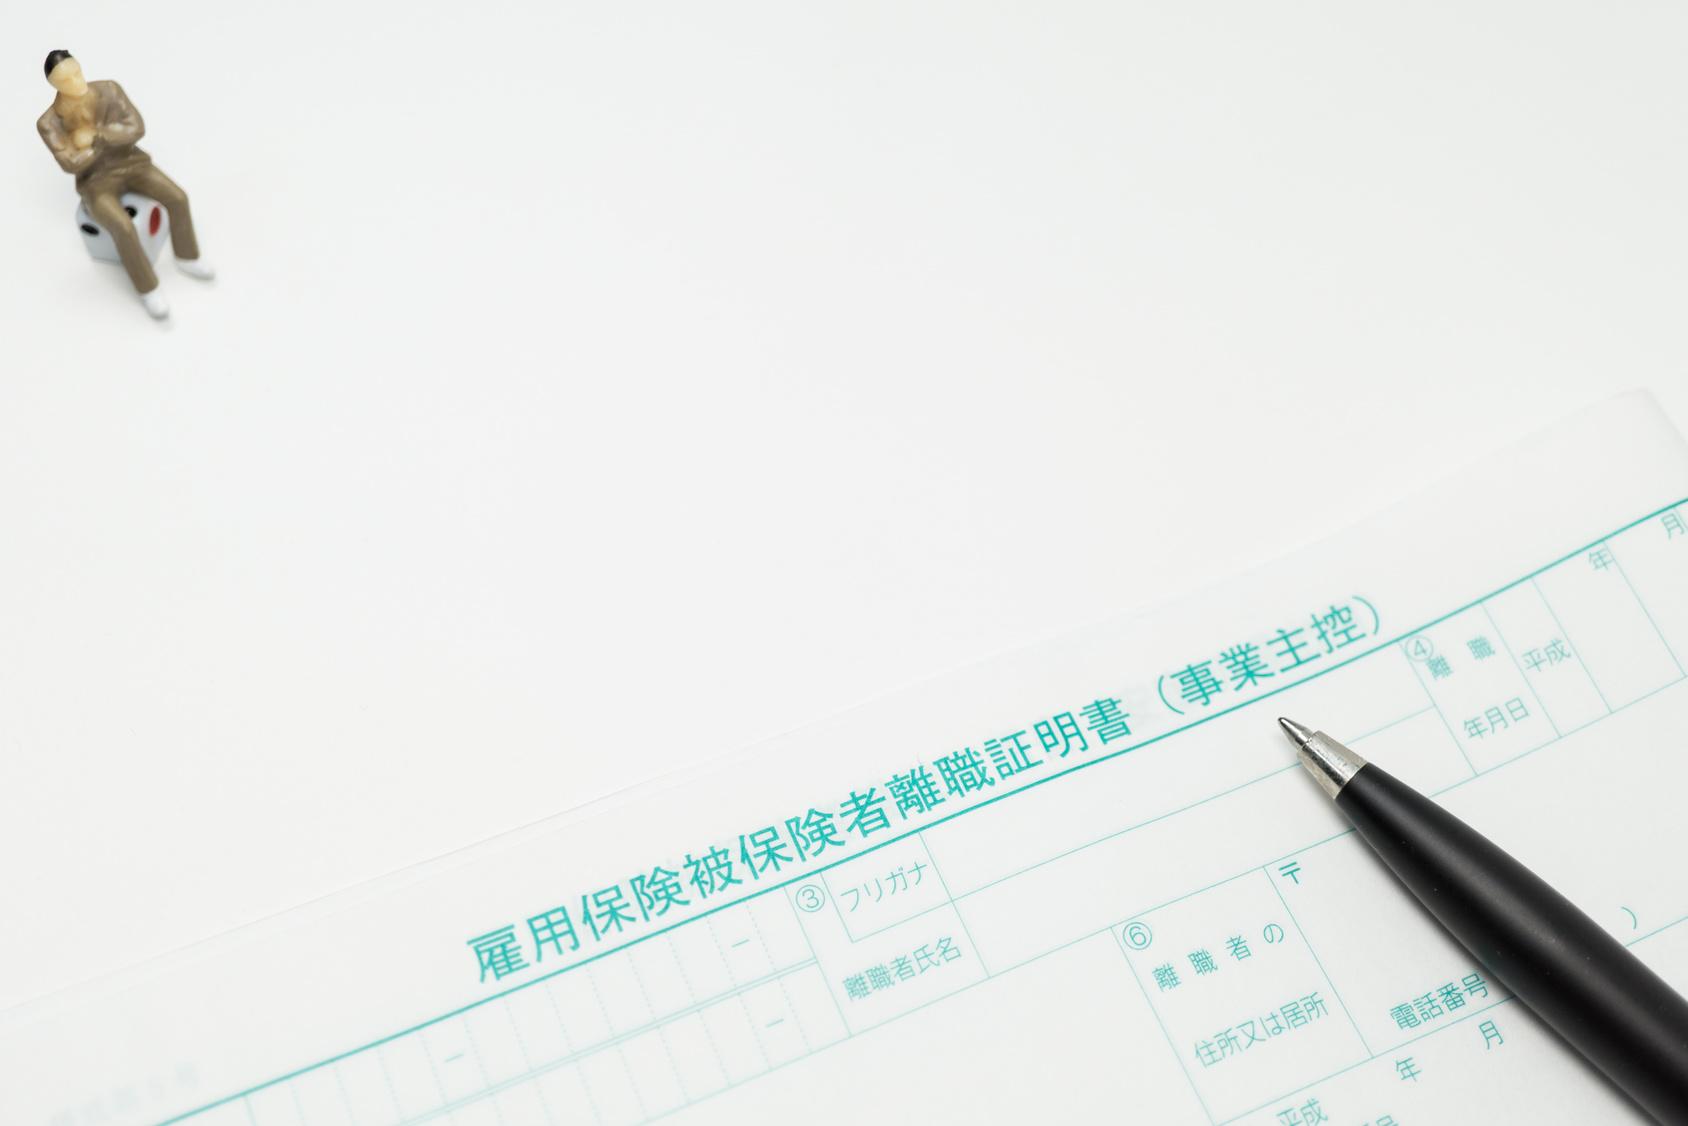 調べ 方 保険 番号 事業 所 雇用